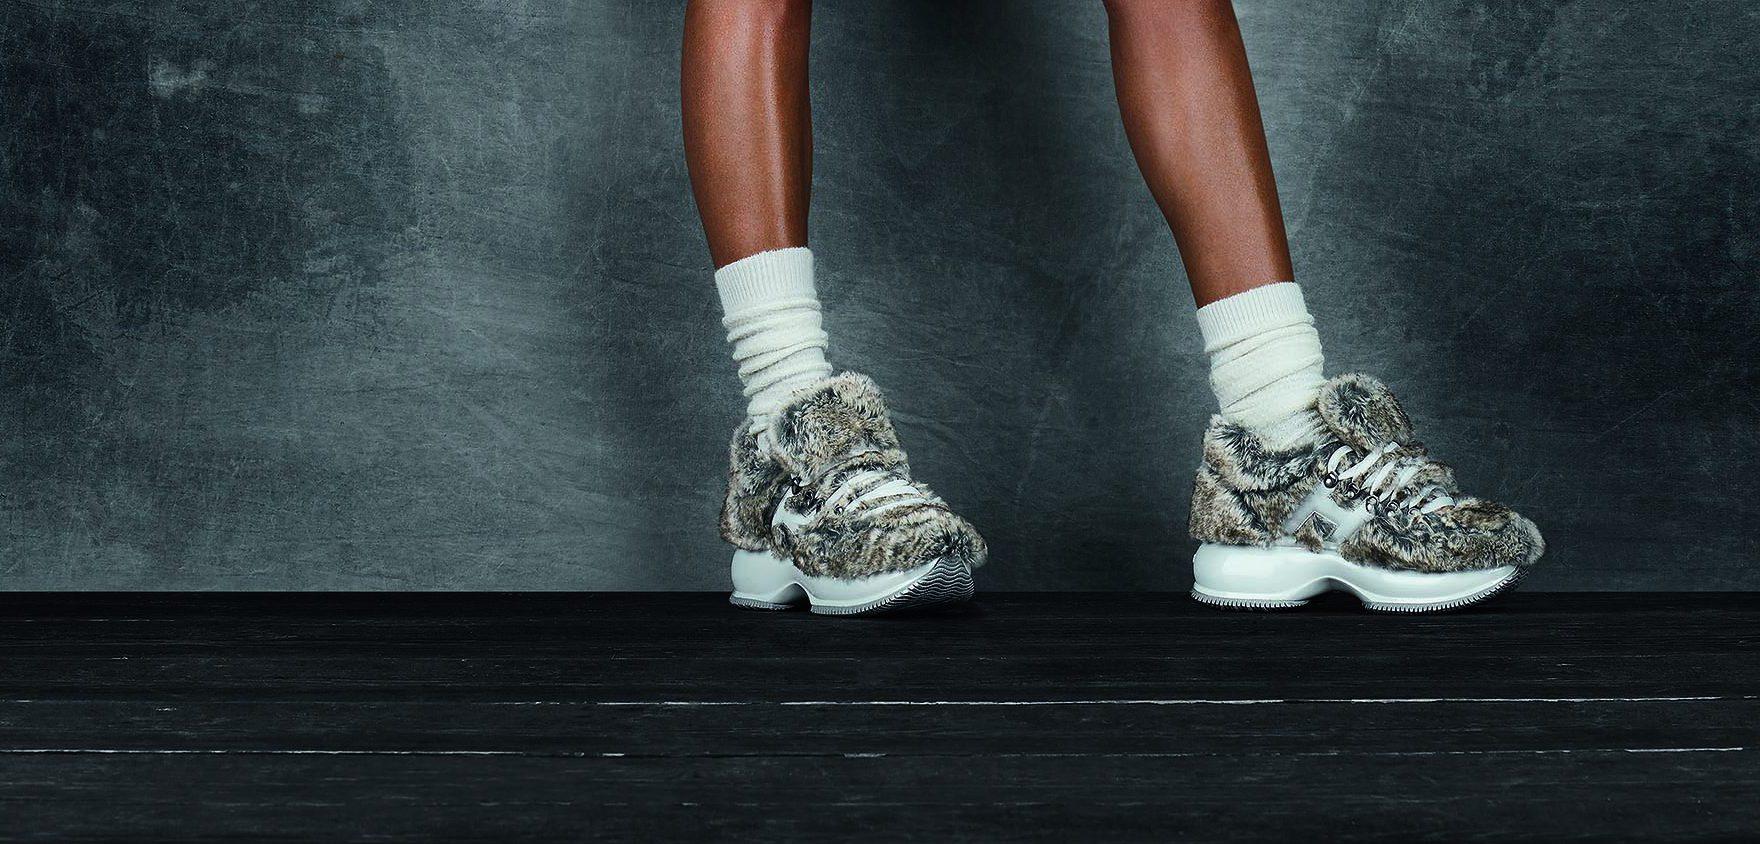 Il bianco e nero delle sneakers Hogan celebra la classicità della scarpa da tennis